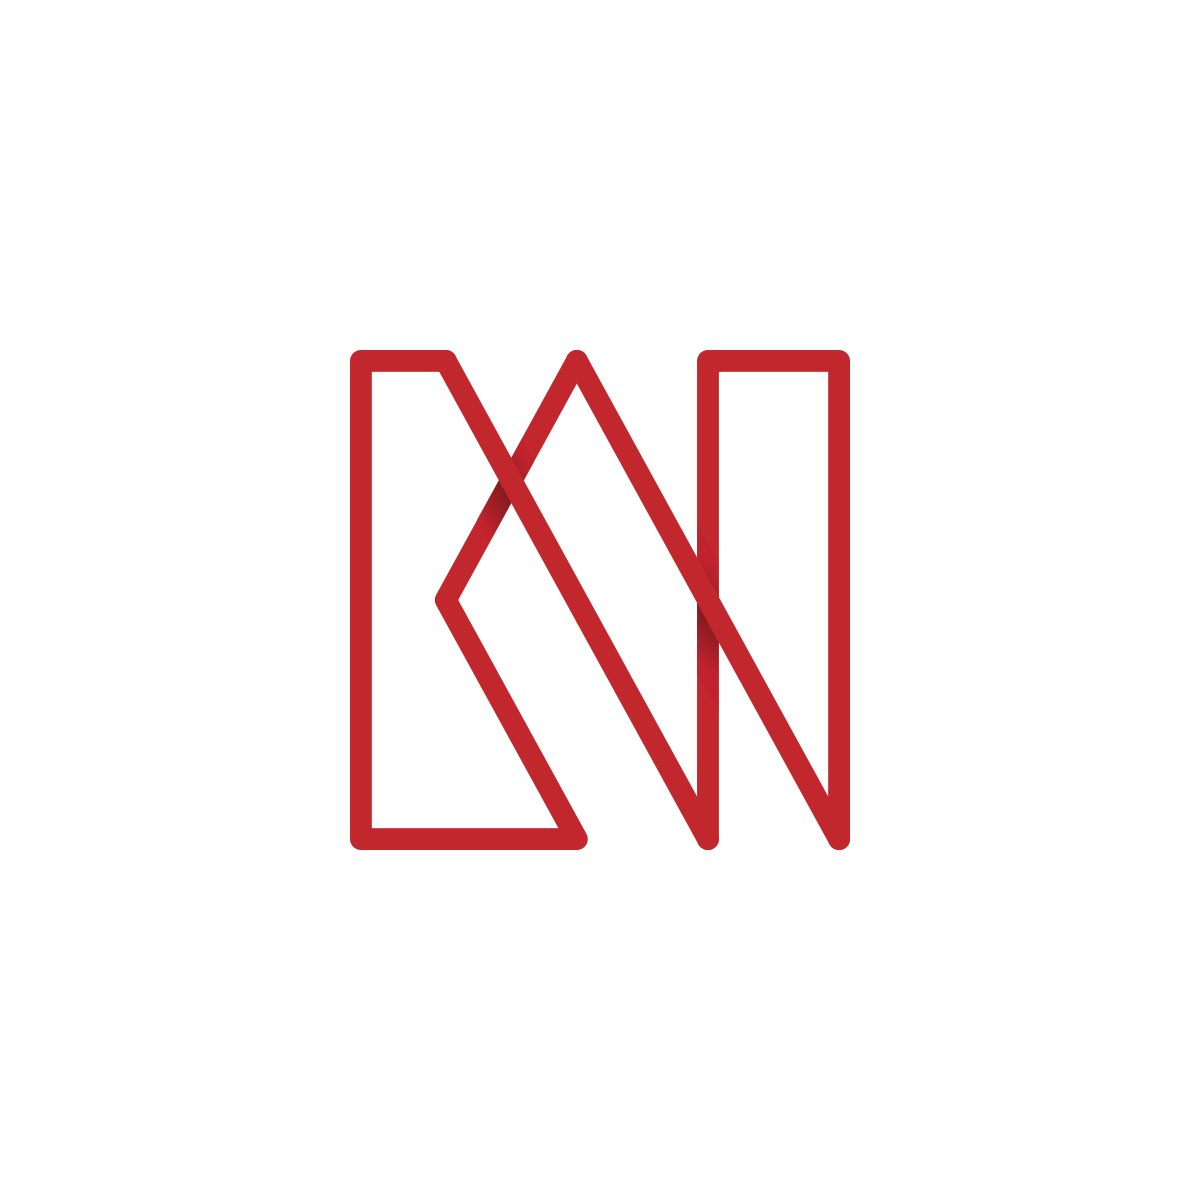 logos.064.jpeg